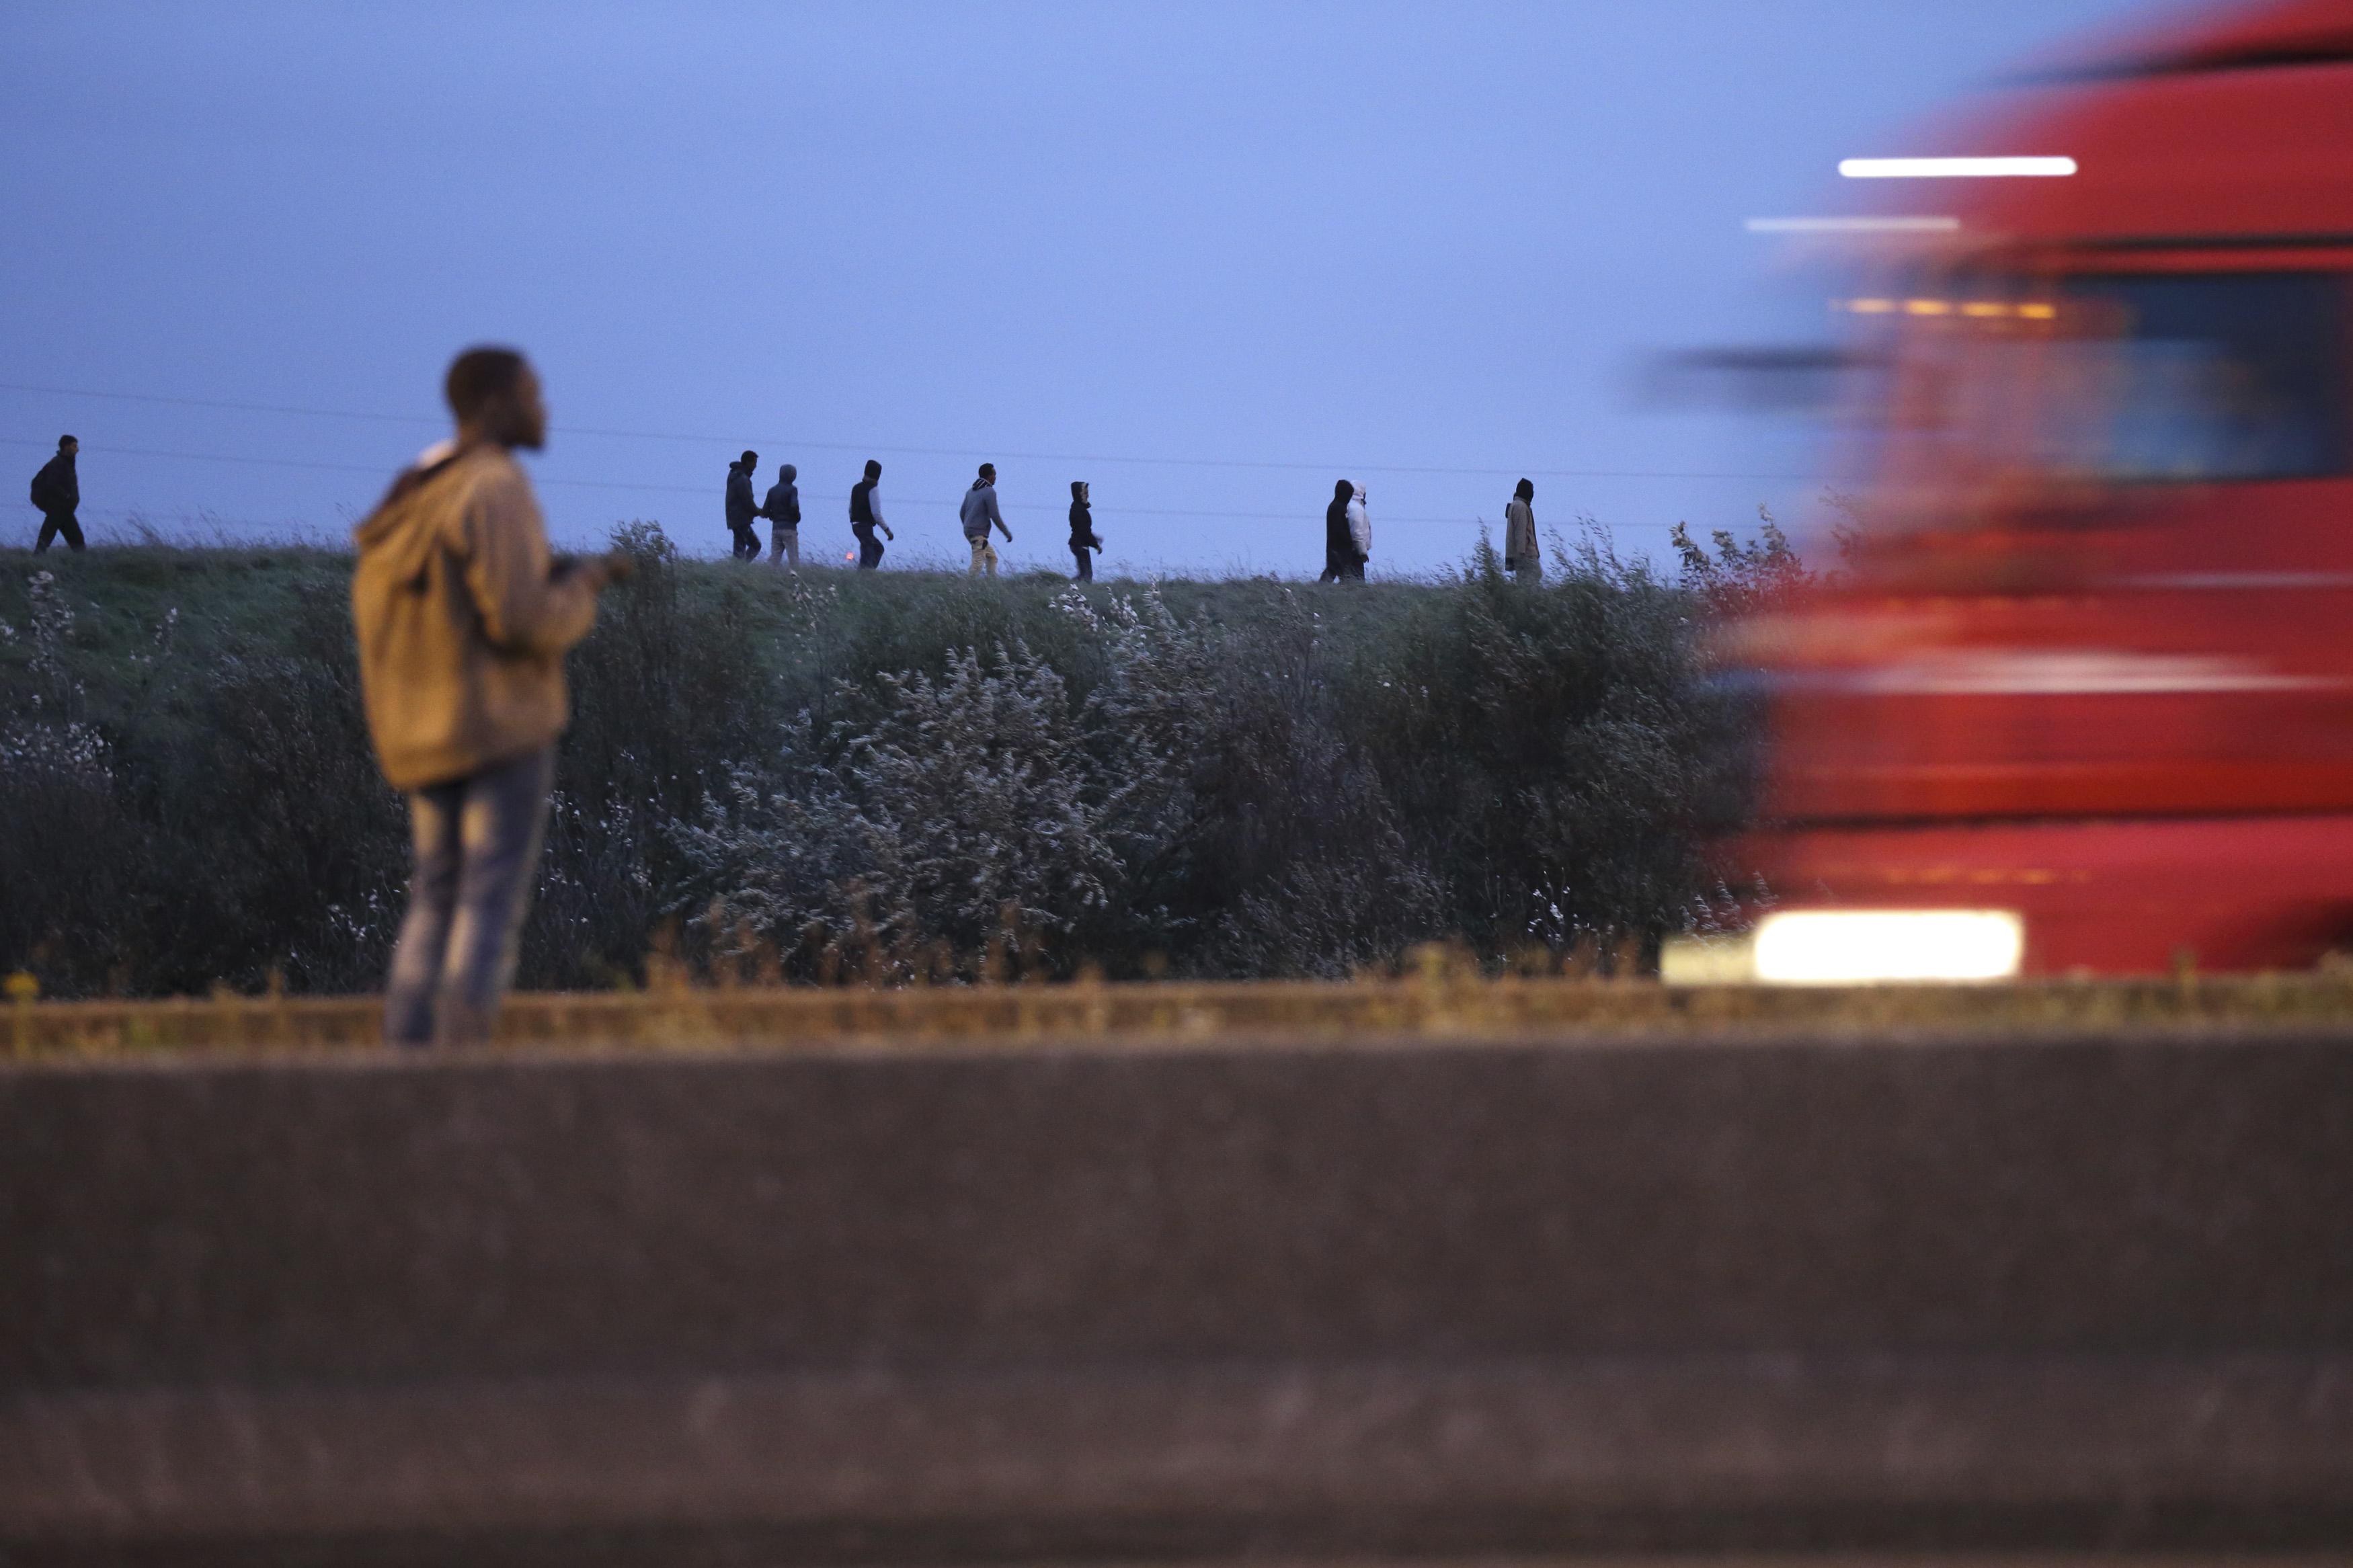 Hoffen auf eine Fähre nach England: Migranten warten in Calais auf eine Mitfahrgelegenheit über den Ärmelkanal (23. Oktober 2014). Foto: Pascal Rossignol